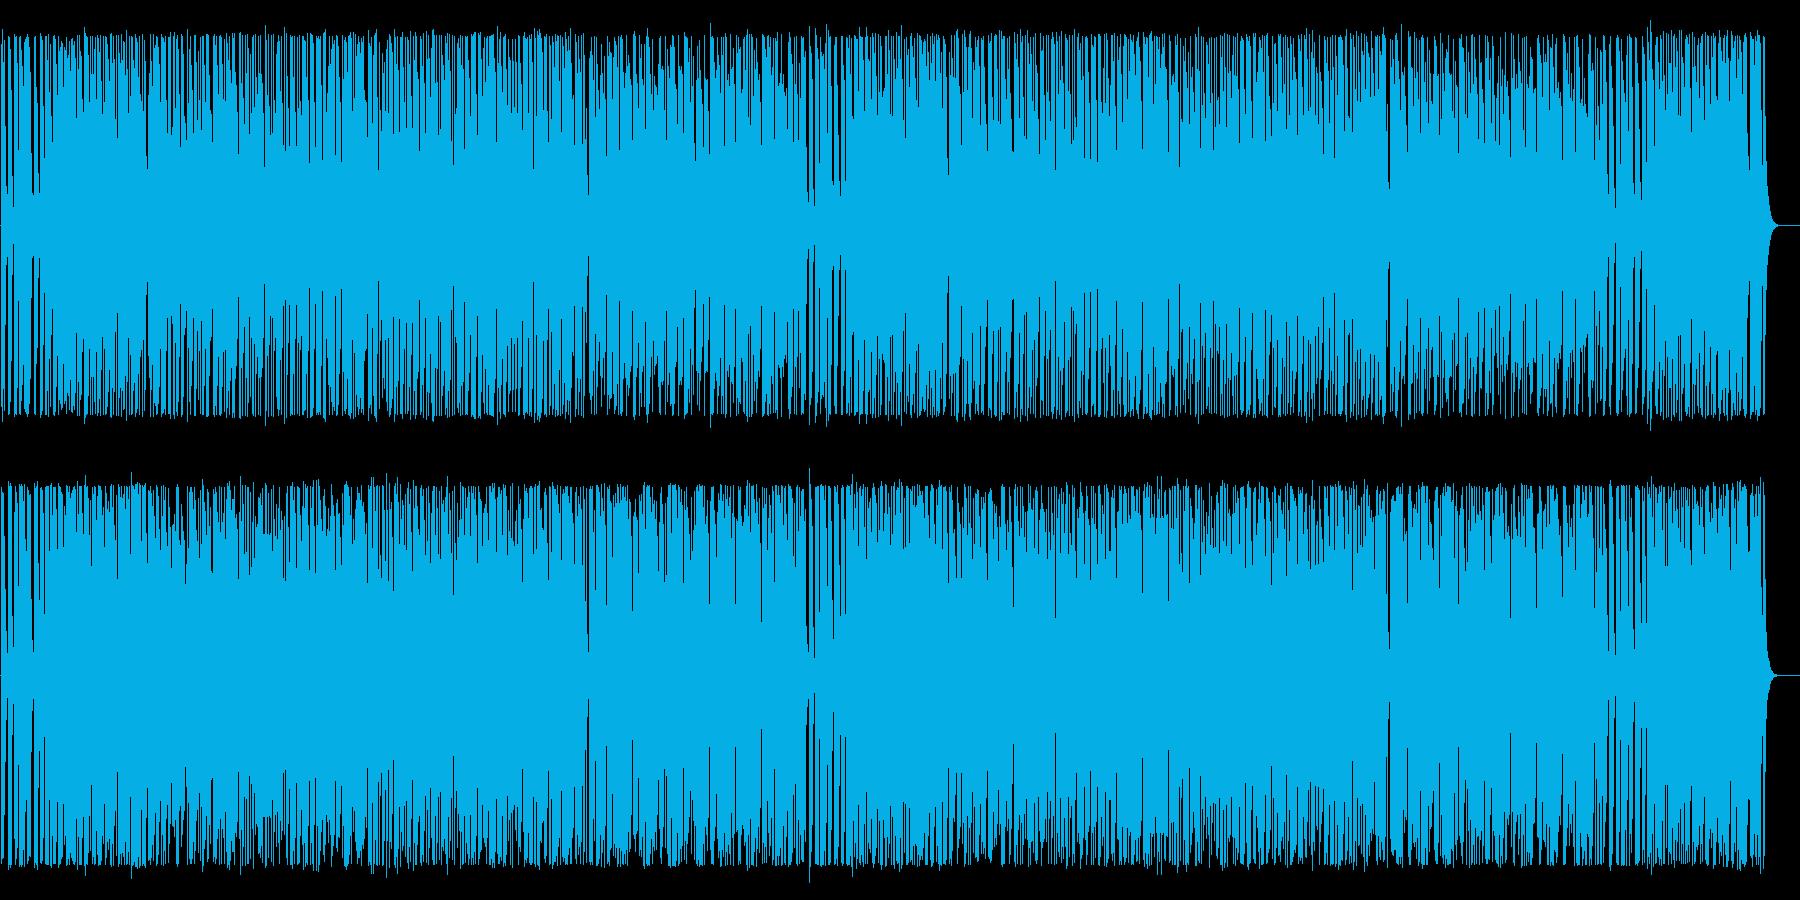 メルヘンチックでワクワクするようなBGMの再生済みの波形